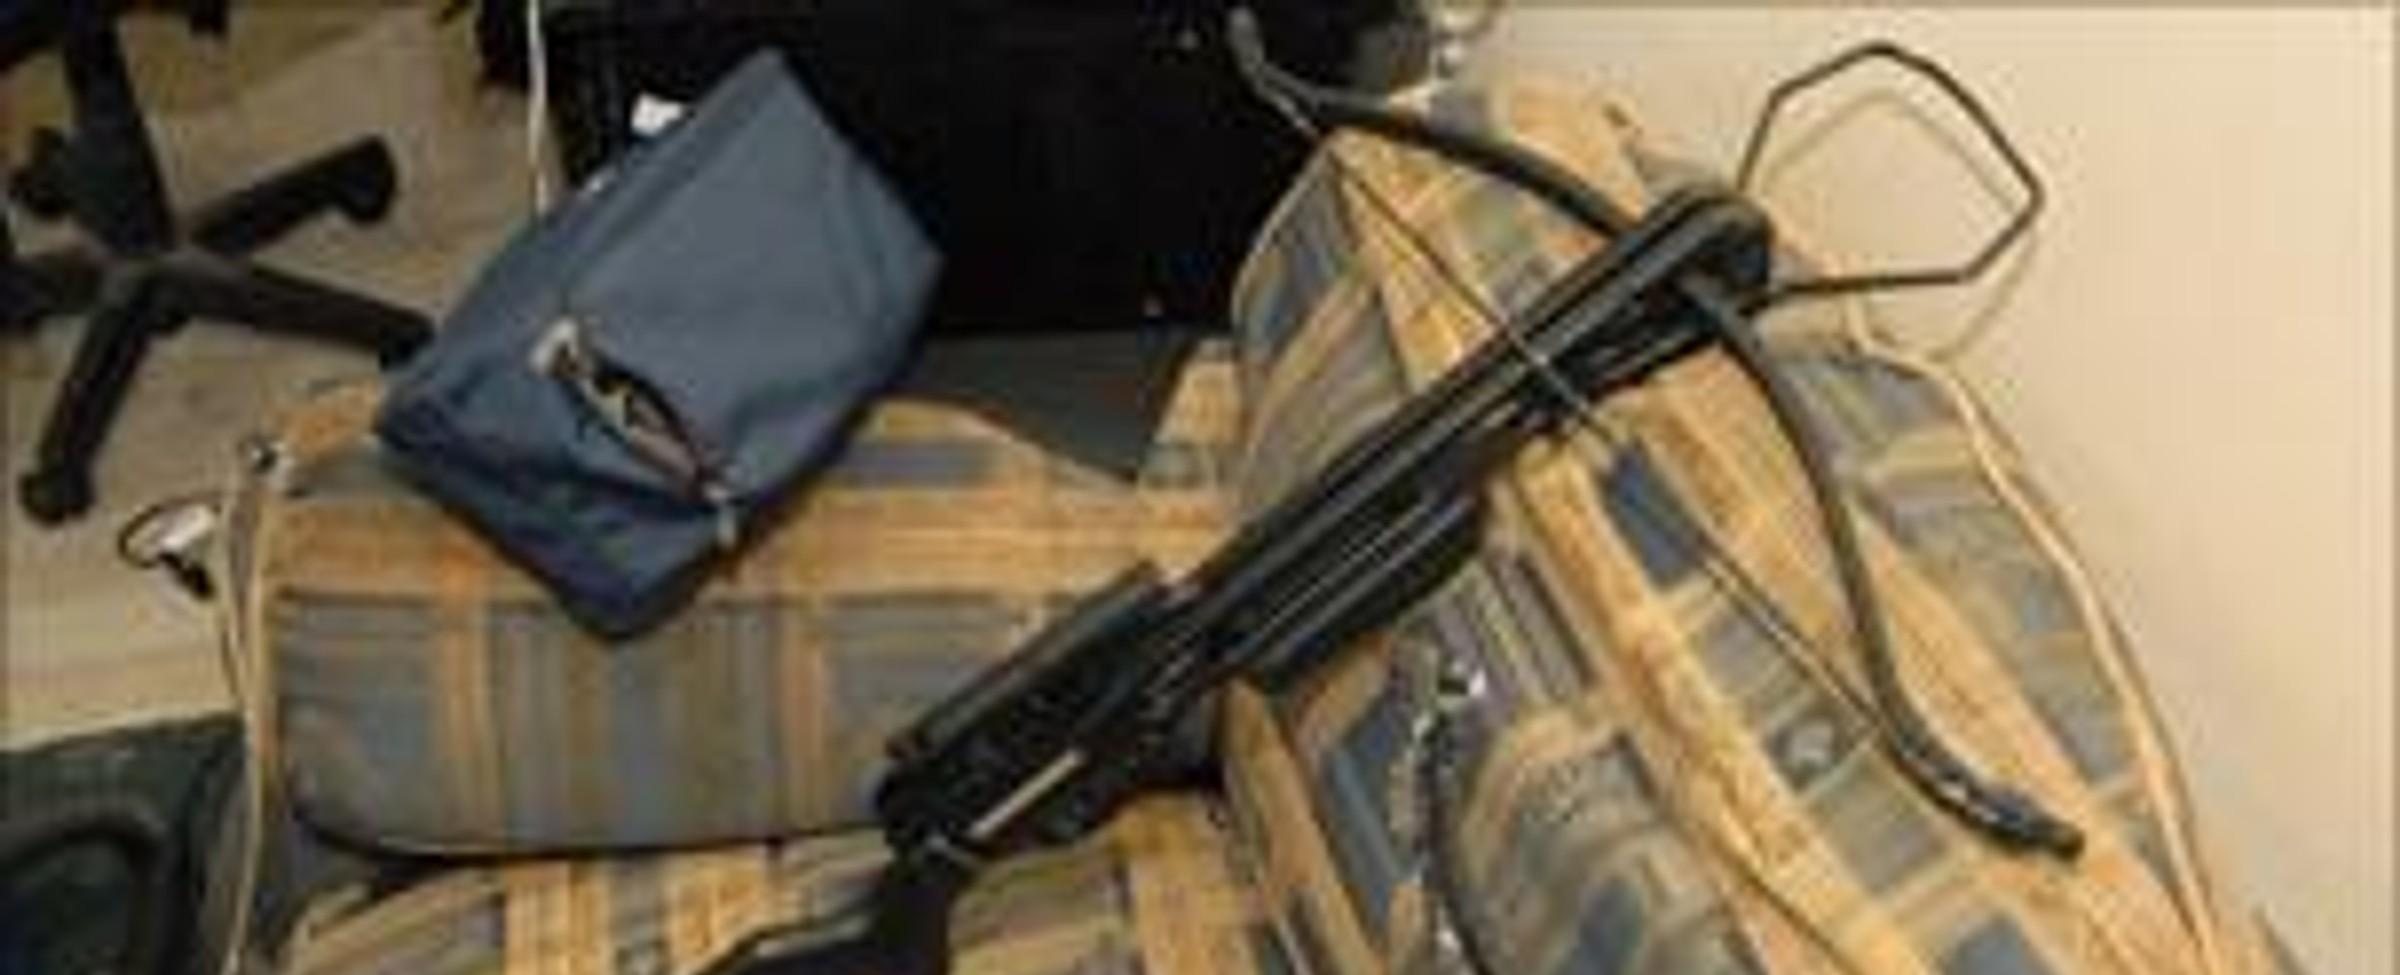 Vražedná zbraň - samostříl